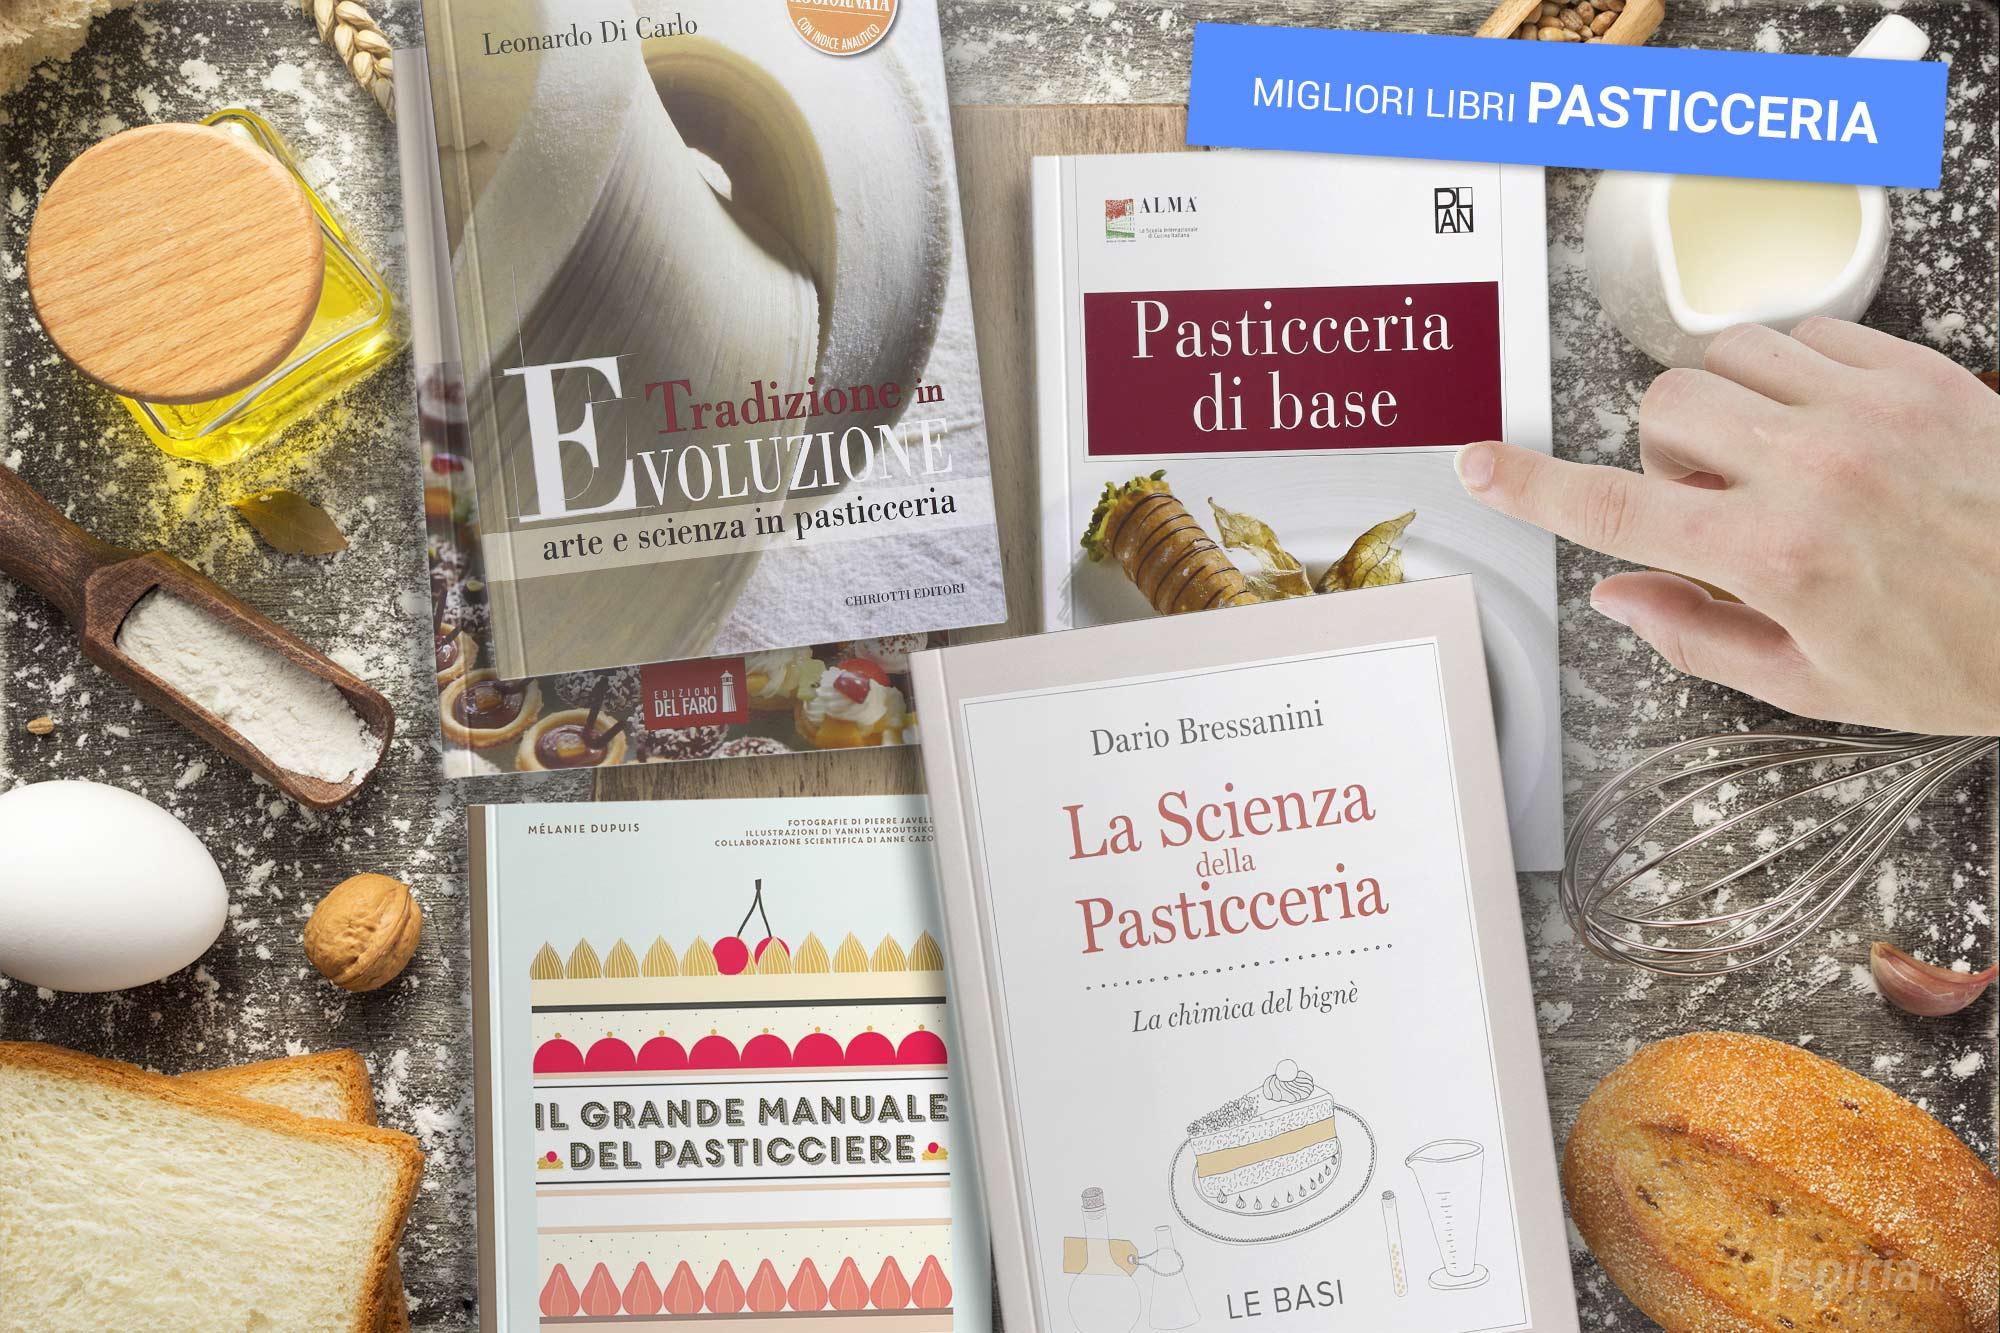 Migliori-libri-pasticceria